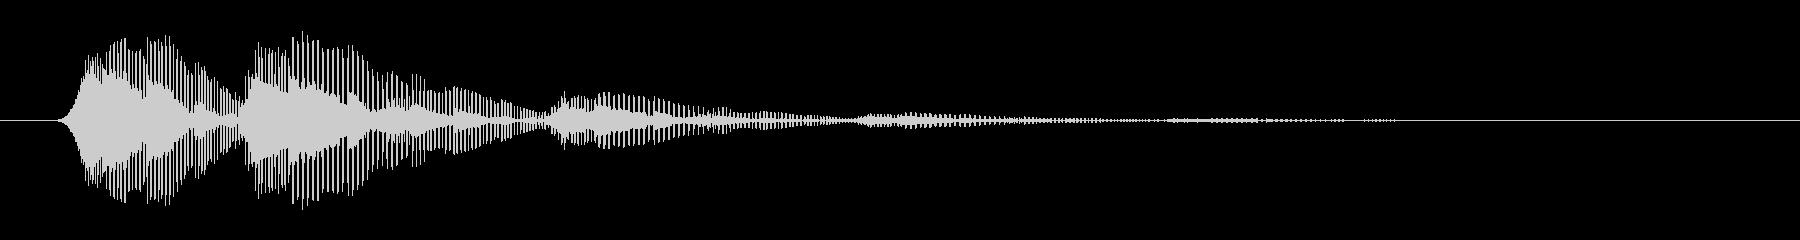 ファミコン風効果音 キャンセル系 07の未再生の波形